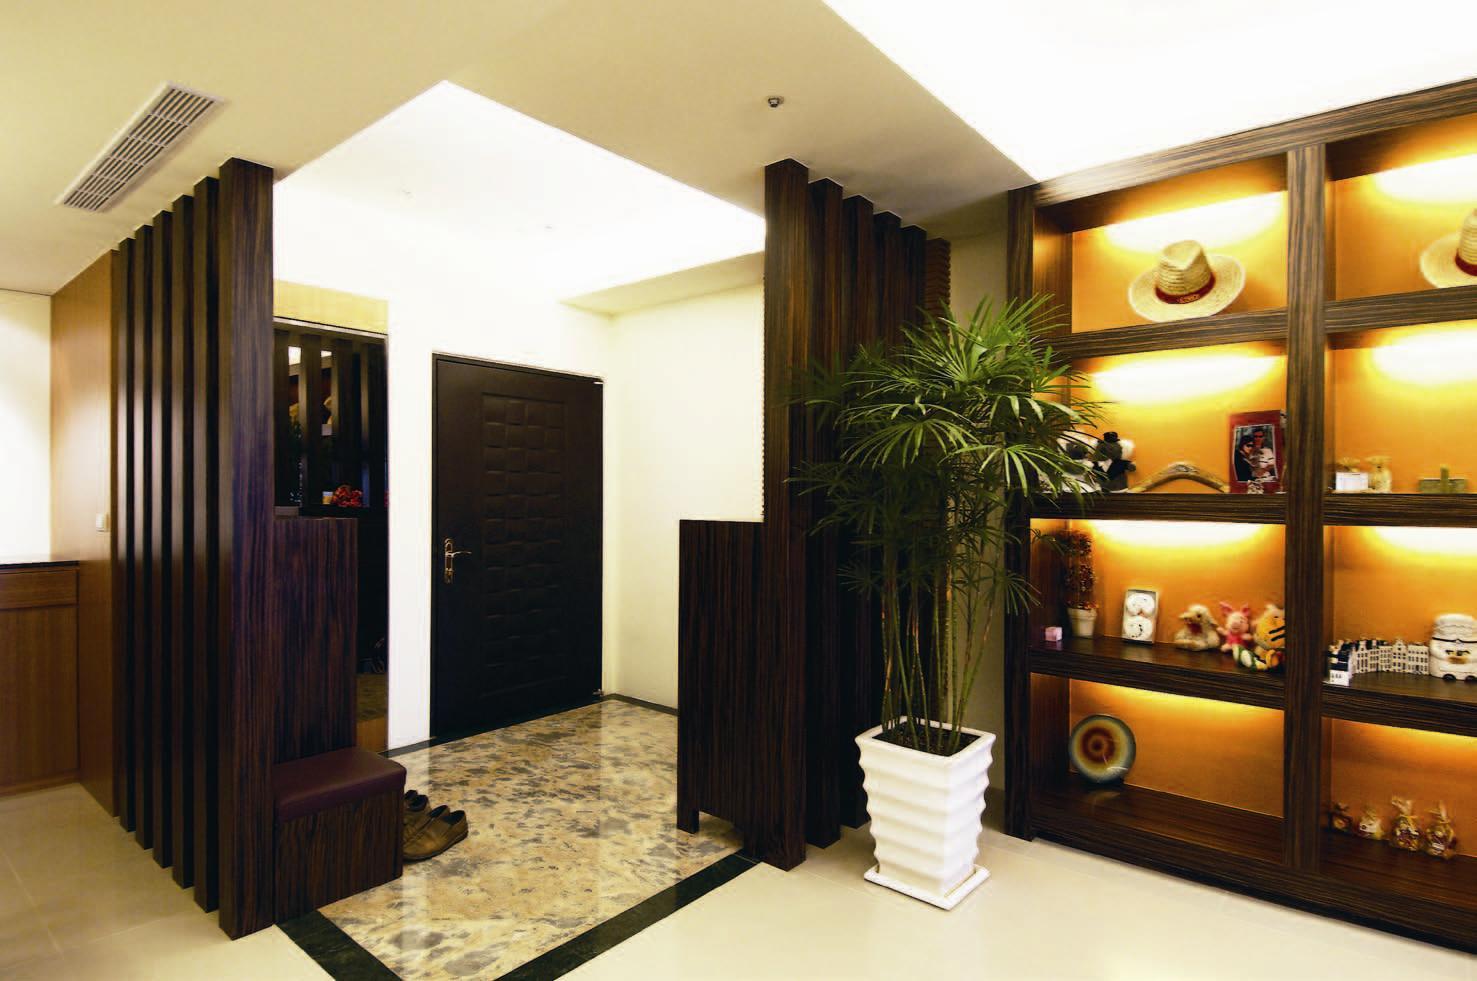 材质,让室内空间与室外有所区分,在视觉上就形成了一个与阳台高清图片